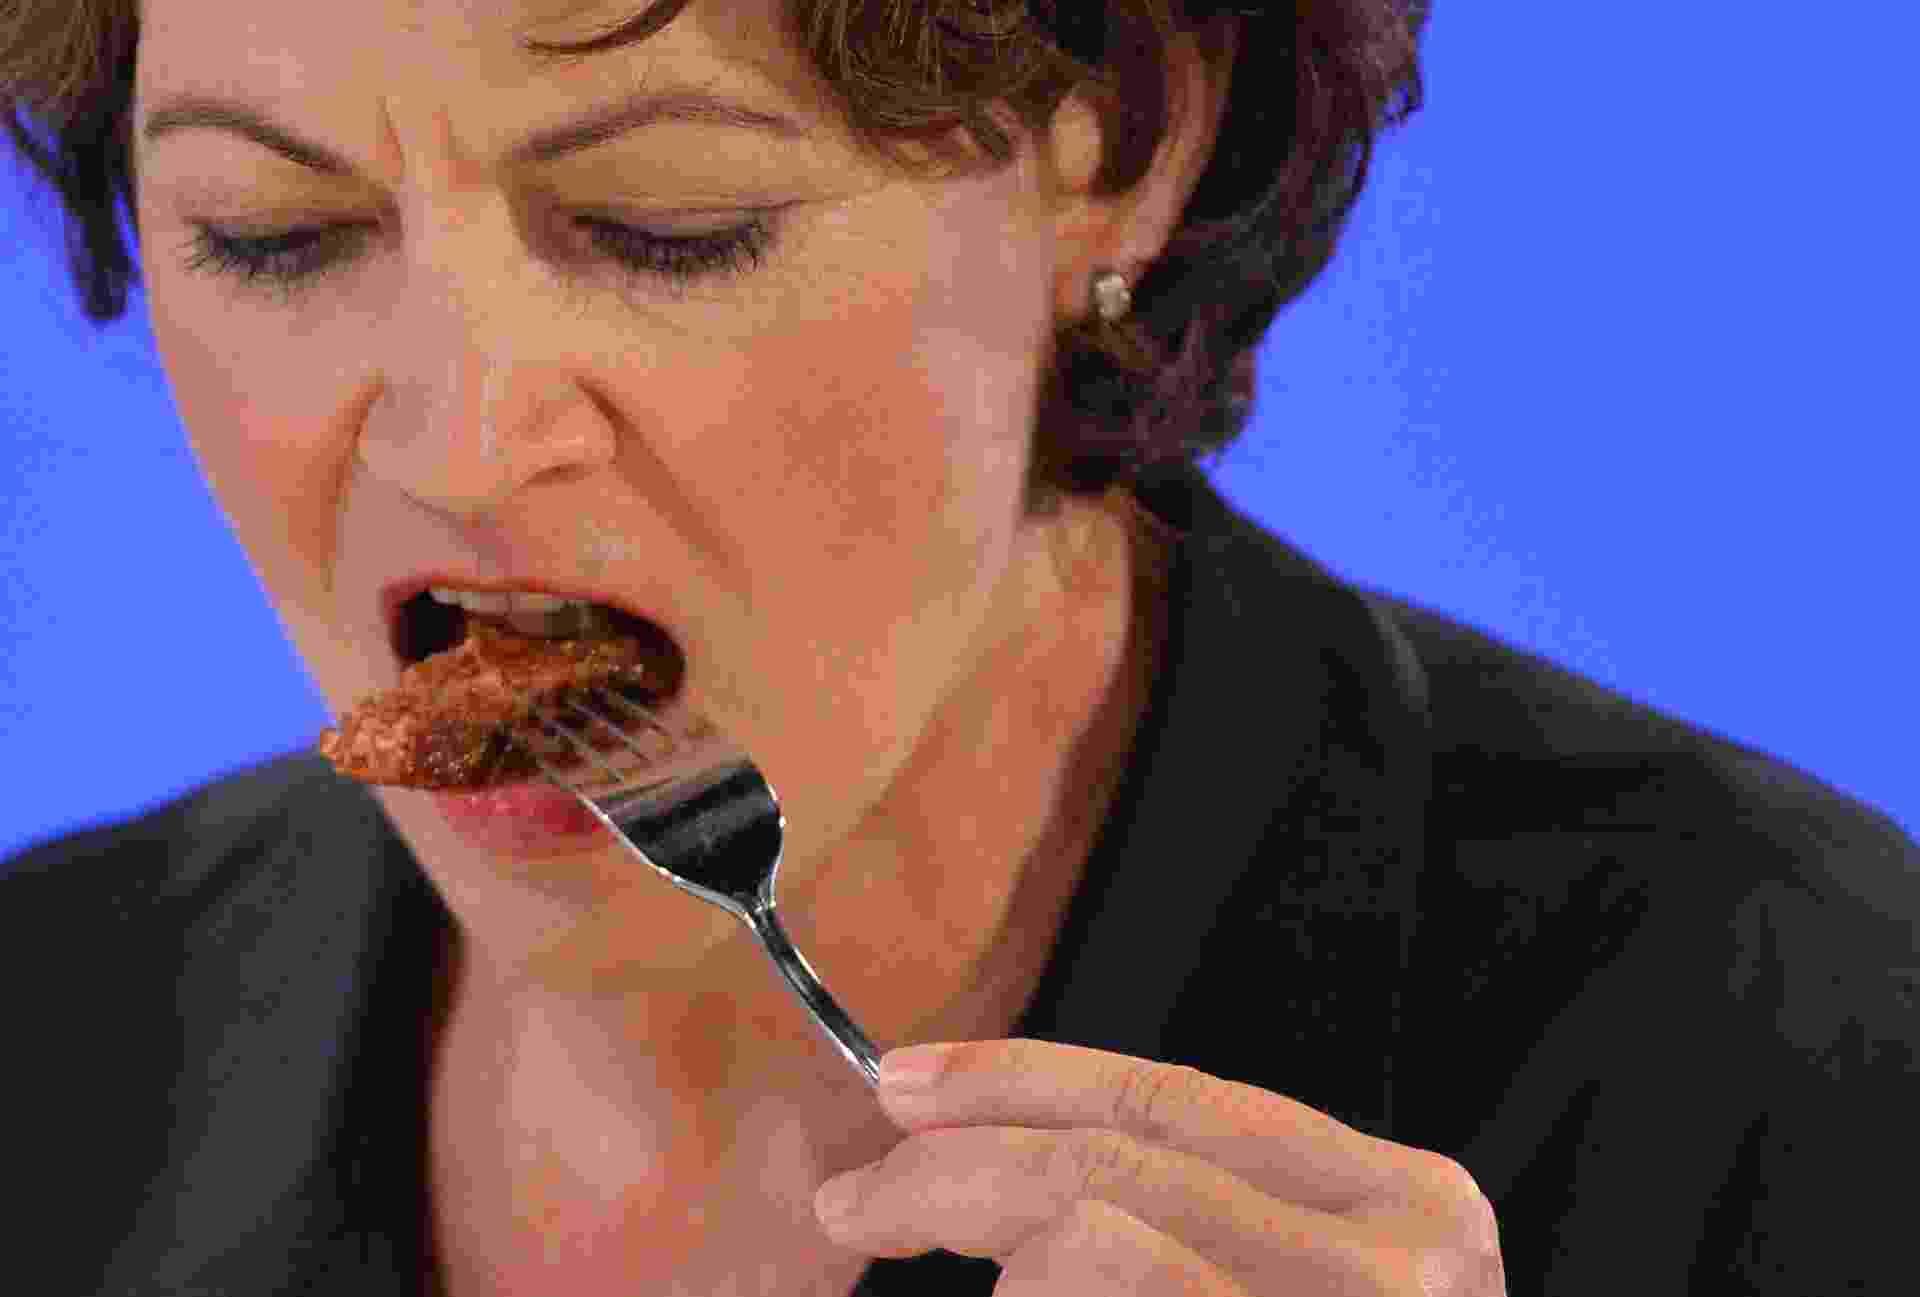 5.ago.2013 - A austríaca Hanni Rutzler, um estudiosa da alimentação, prova a primeira carne de hamburguer criada e desenvolvida artificialmente em laboratório a partir de células-tronco bovinas durante evento em Londres, na Inglaterra, nesta segunda-feira (5) - Toby Melville/Reuters